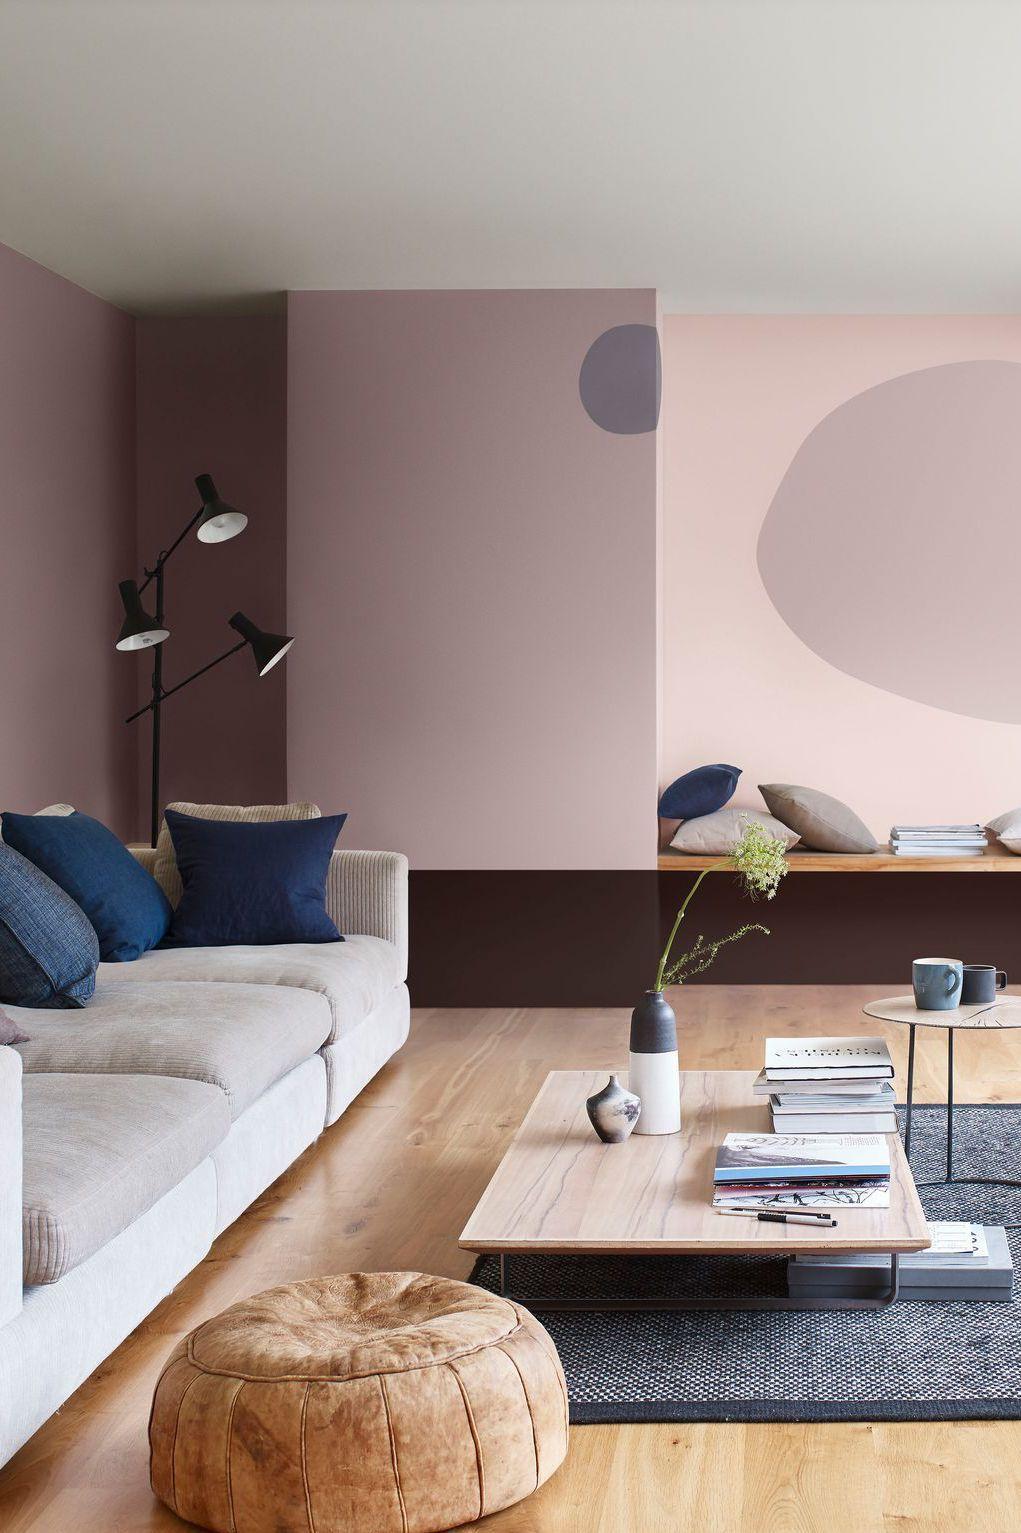 Peinture salon 30 couleurs tendance pour repeindre le salon salon pinterest peinture - Idee couleur pour salon ...